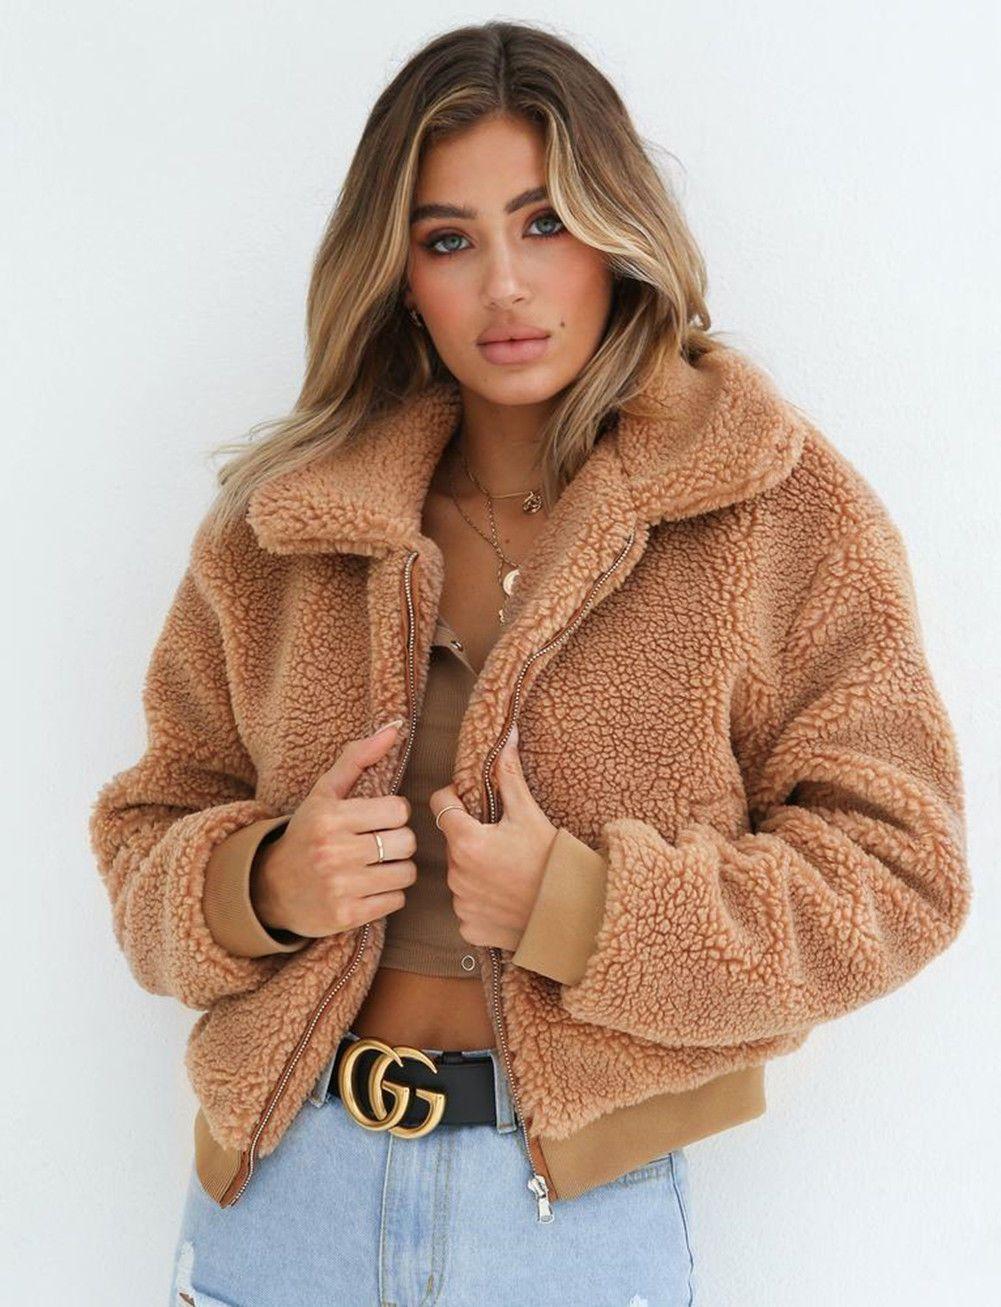 2019 Winter Arrival Women Cotton Fluffy Long Sleeve Jacket Ladies Warm Outerwear Cardigan Coat Warm Outerwear Jackets For Women Fluffy Jacket [ 1307 x 1001 Pixel ]